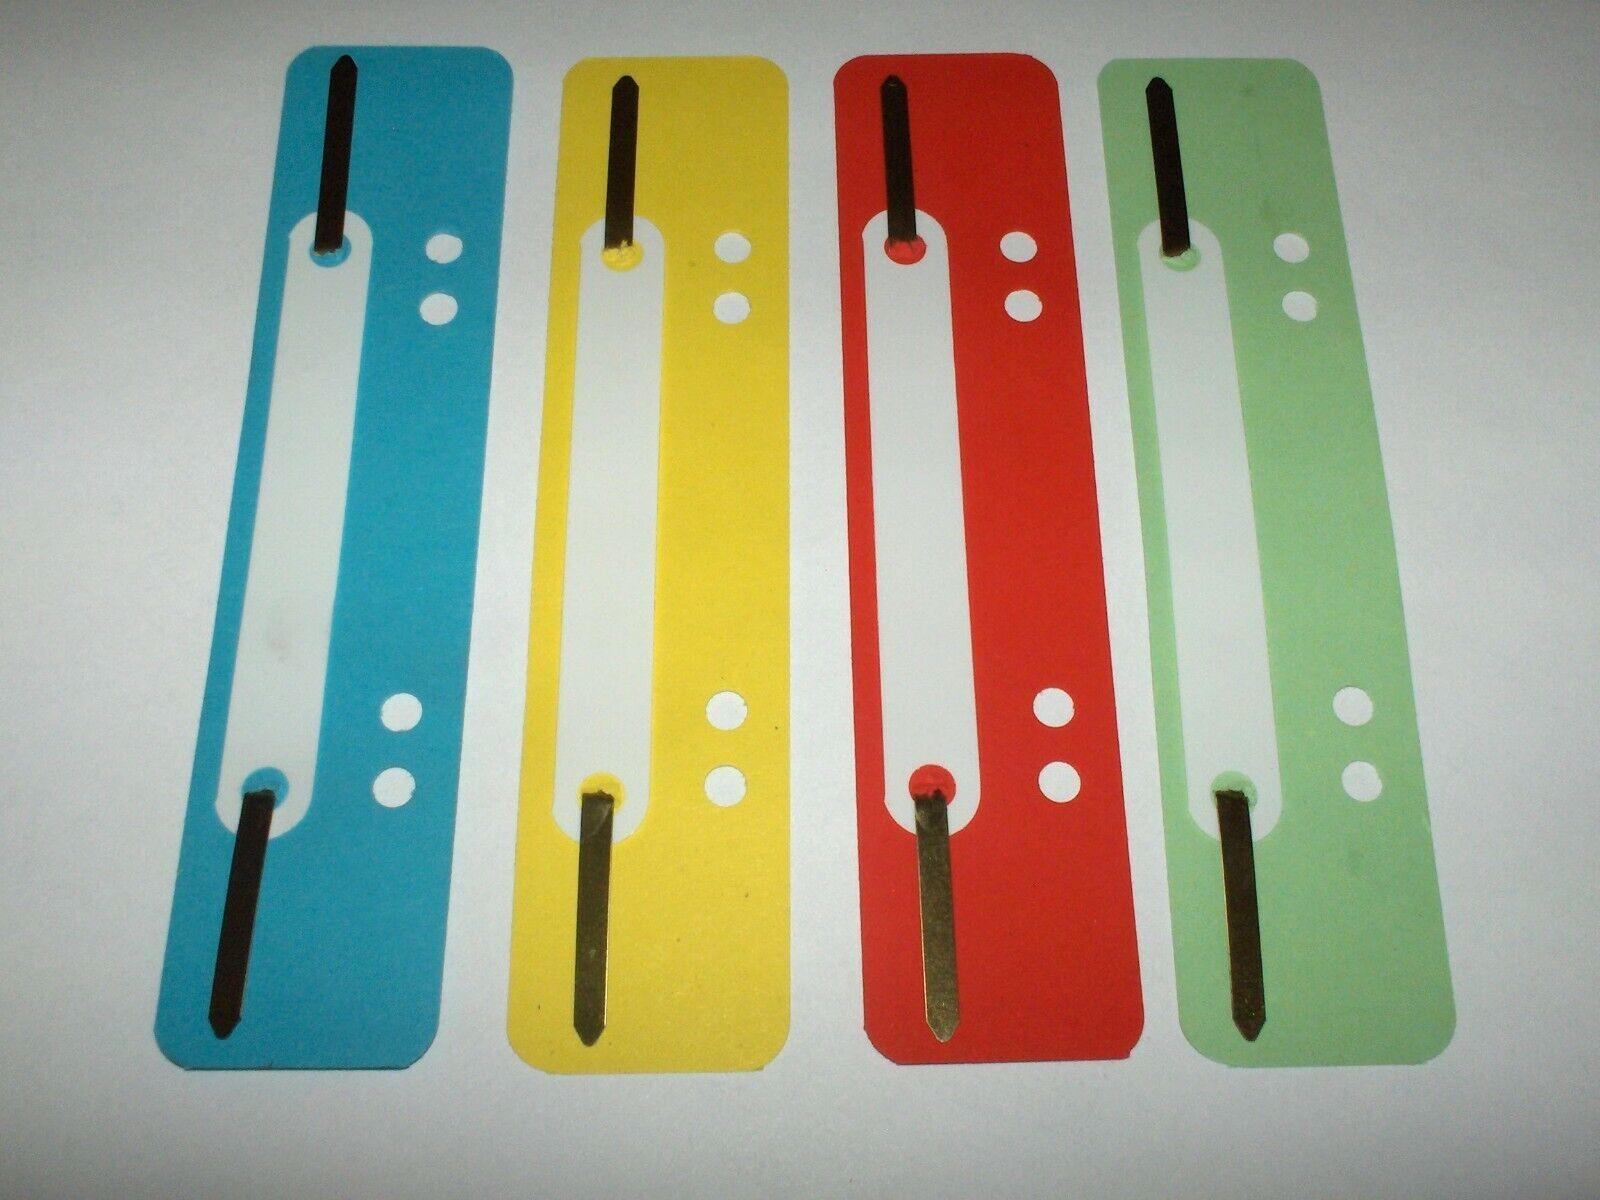 20 Stück Heftstreifen-Abheftstreifen - kurz - aus Recycling-Karton in 4 Farben